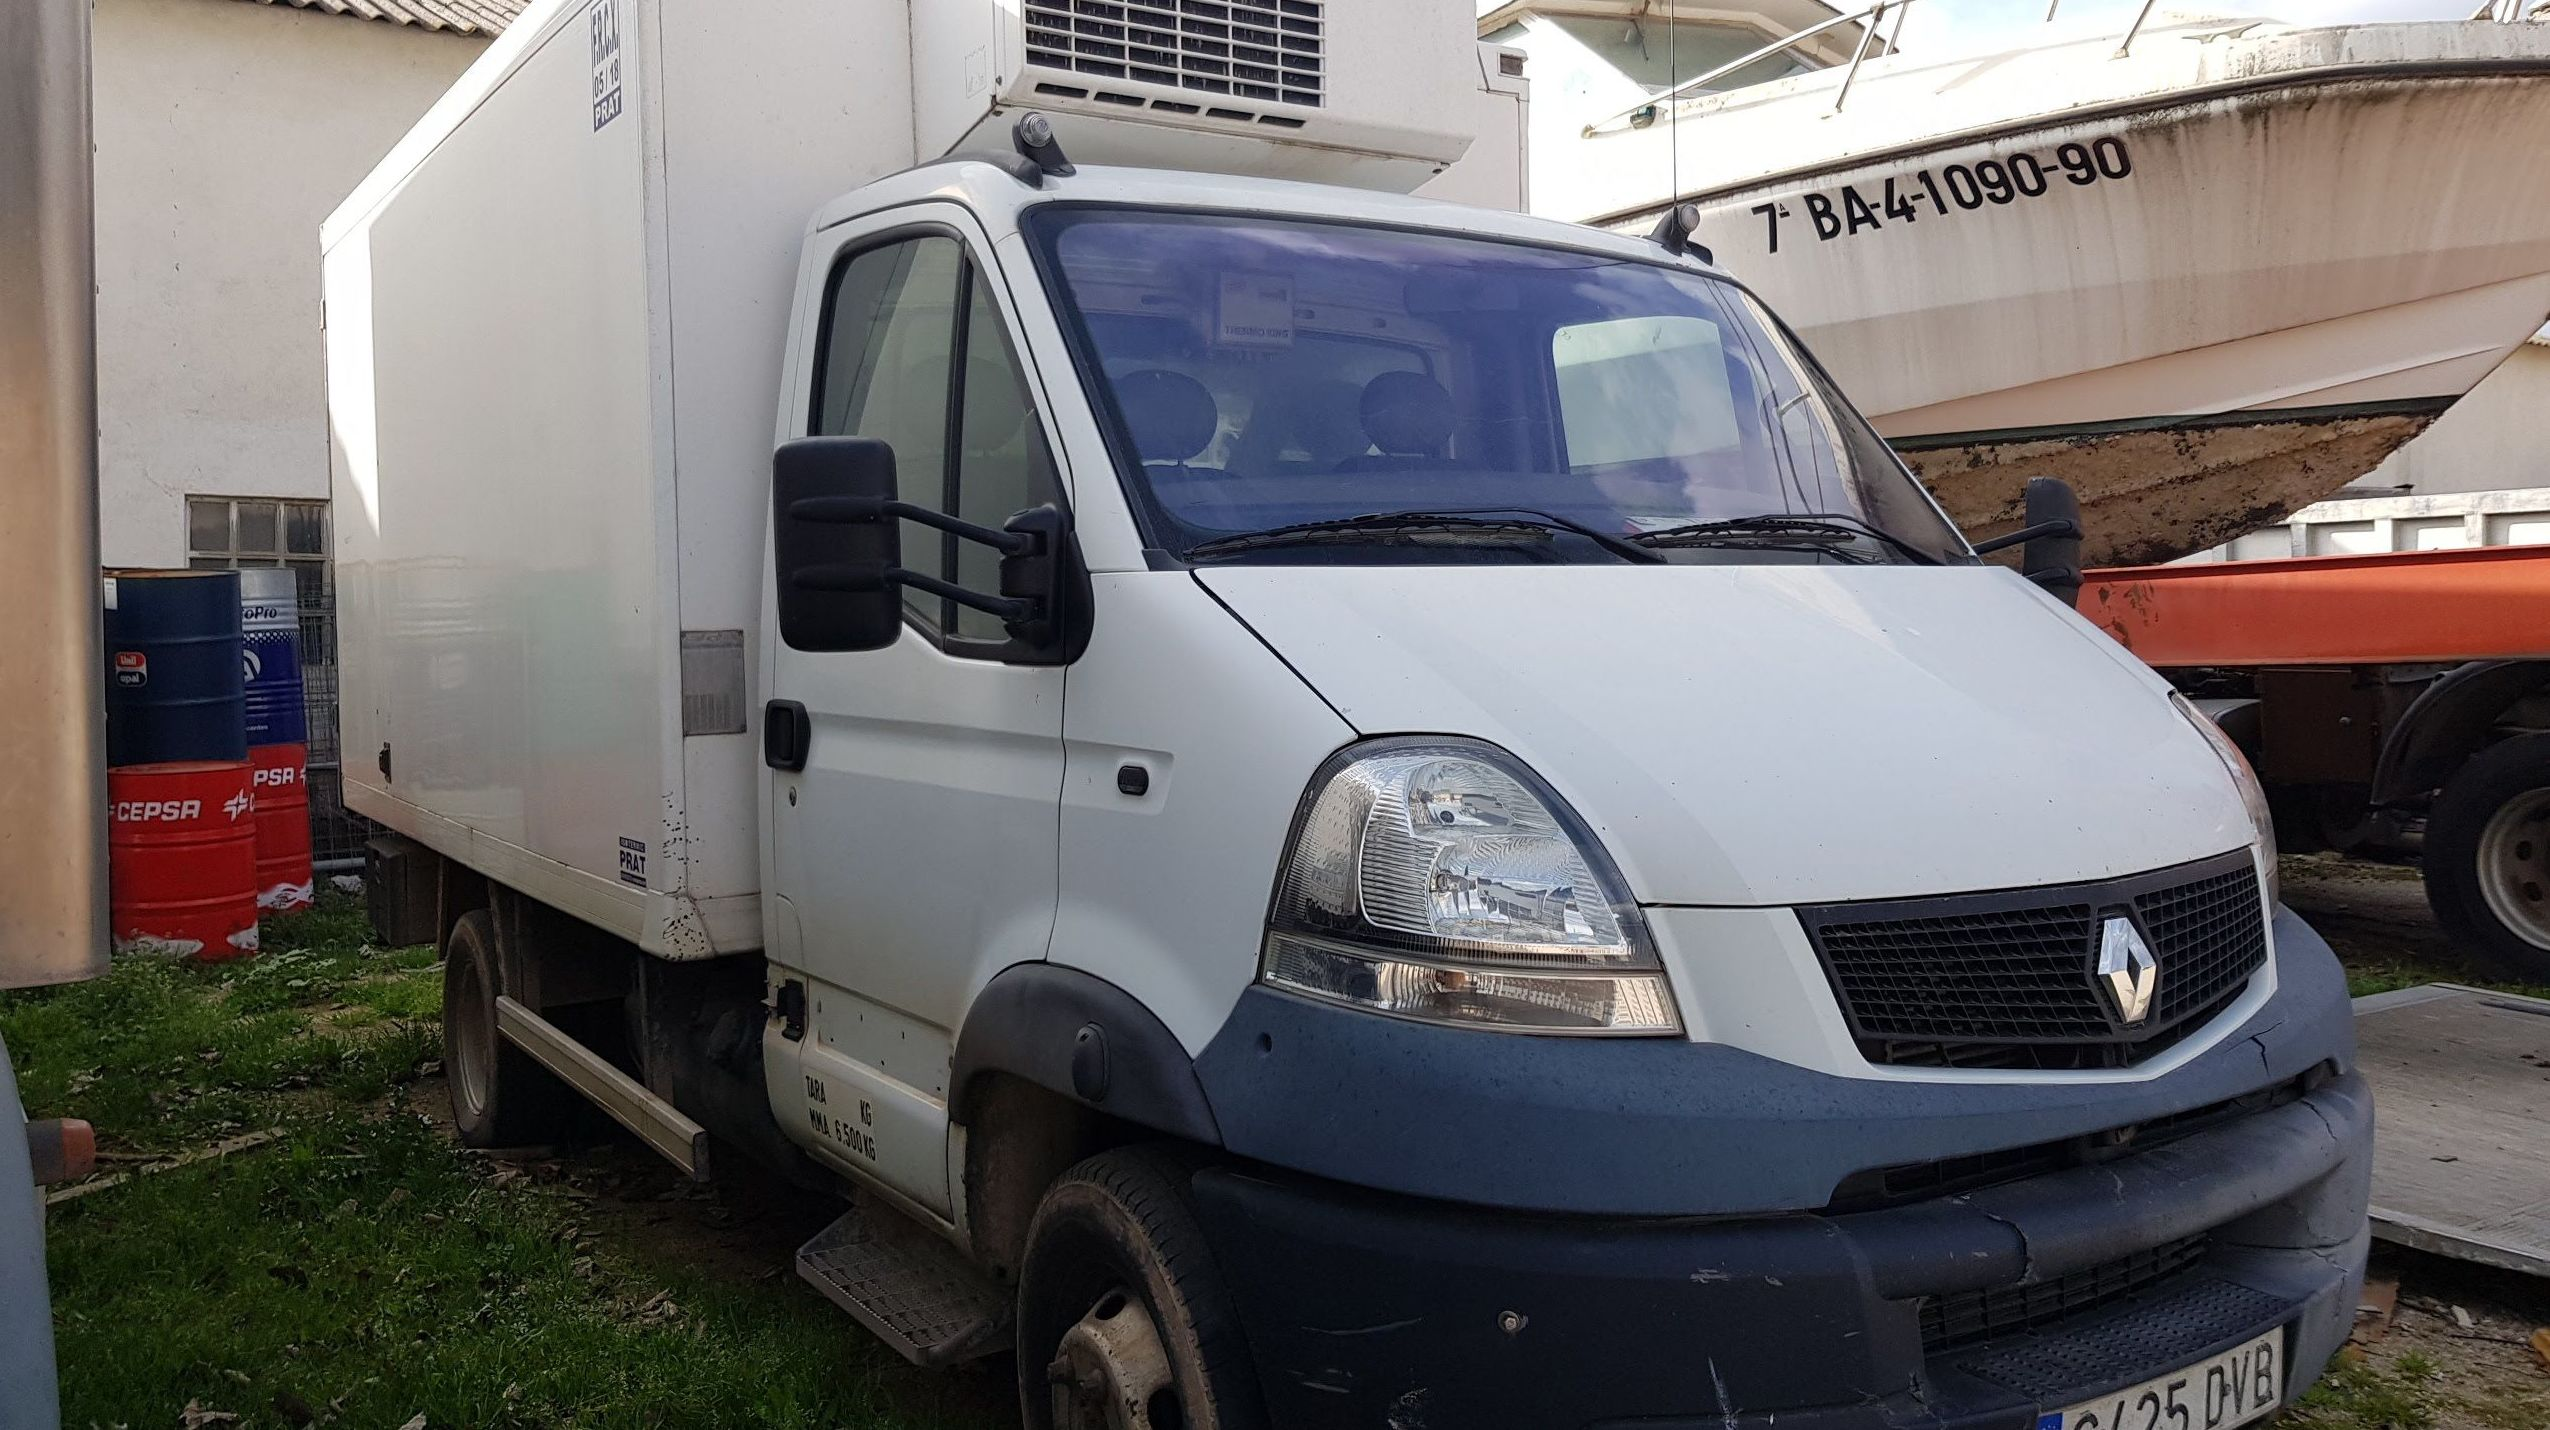 Foto 4 de Venta de vehículos y camiones de segunda mano en Manlleu | Font Camions